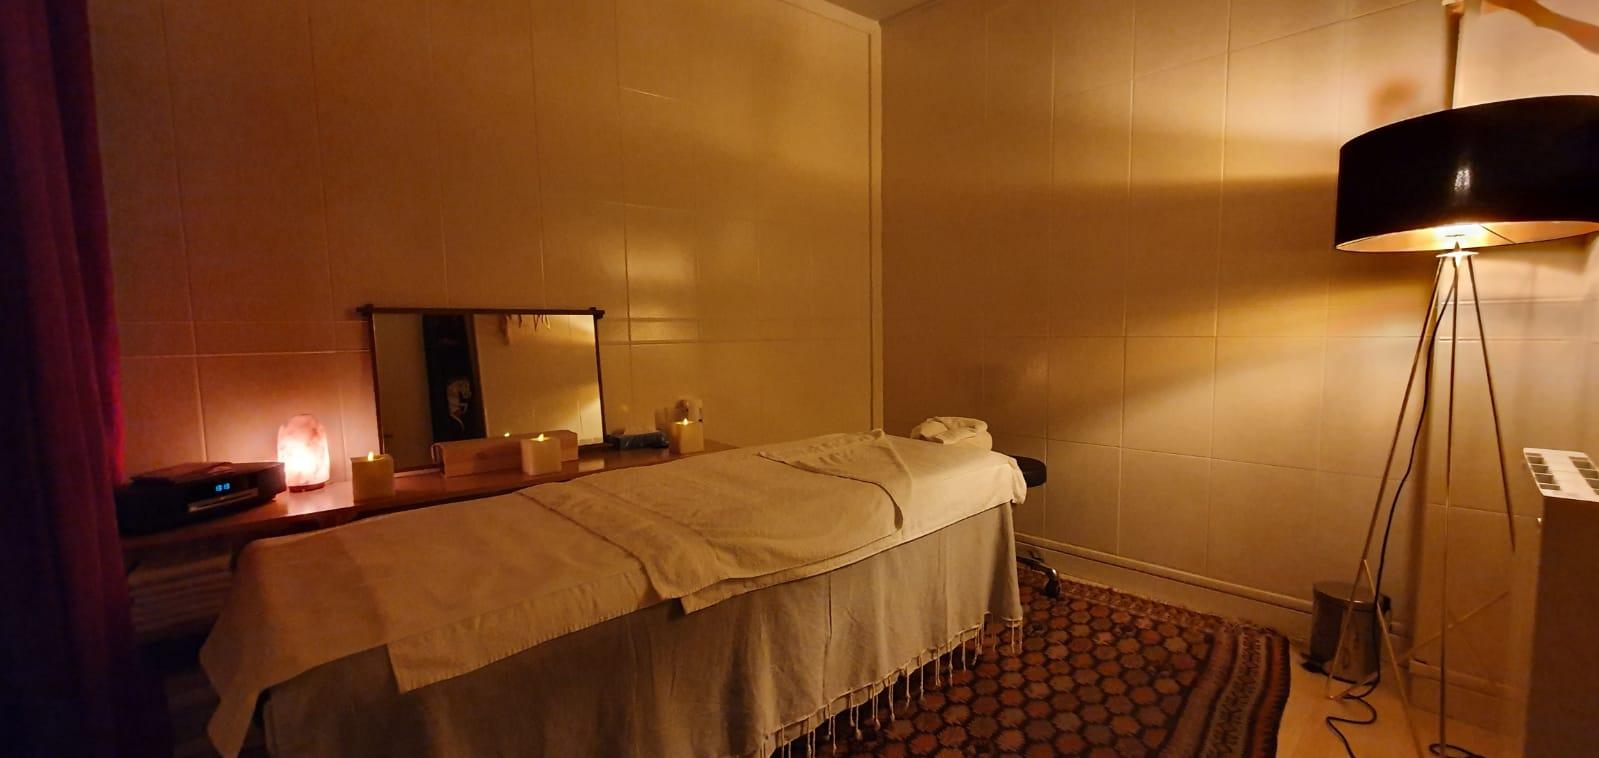 6b3bd987 2699 4230 961f. Black Bedroom Furniture Sets. Home Design Ideas